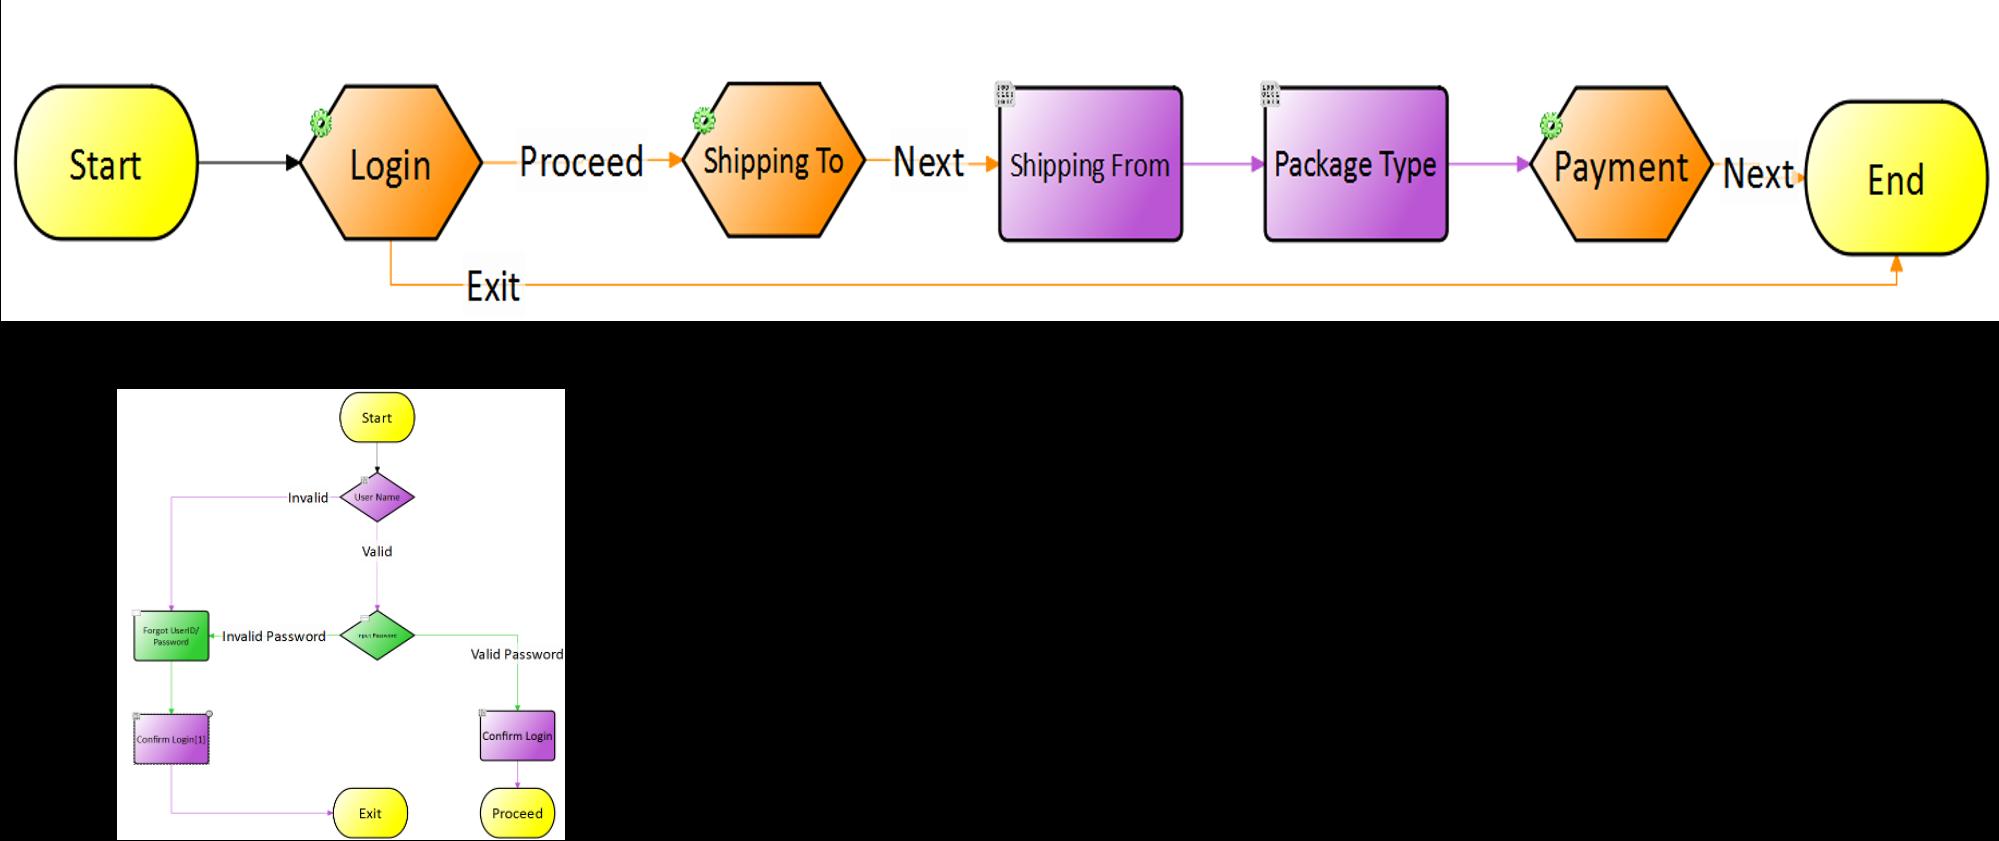 ESD_FY2021_Academy-Blog.Enabling-In-Sprint-Testing.Figure_06